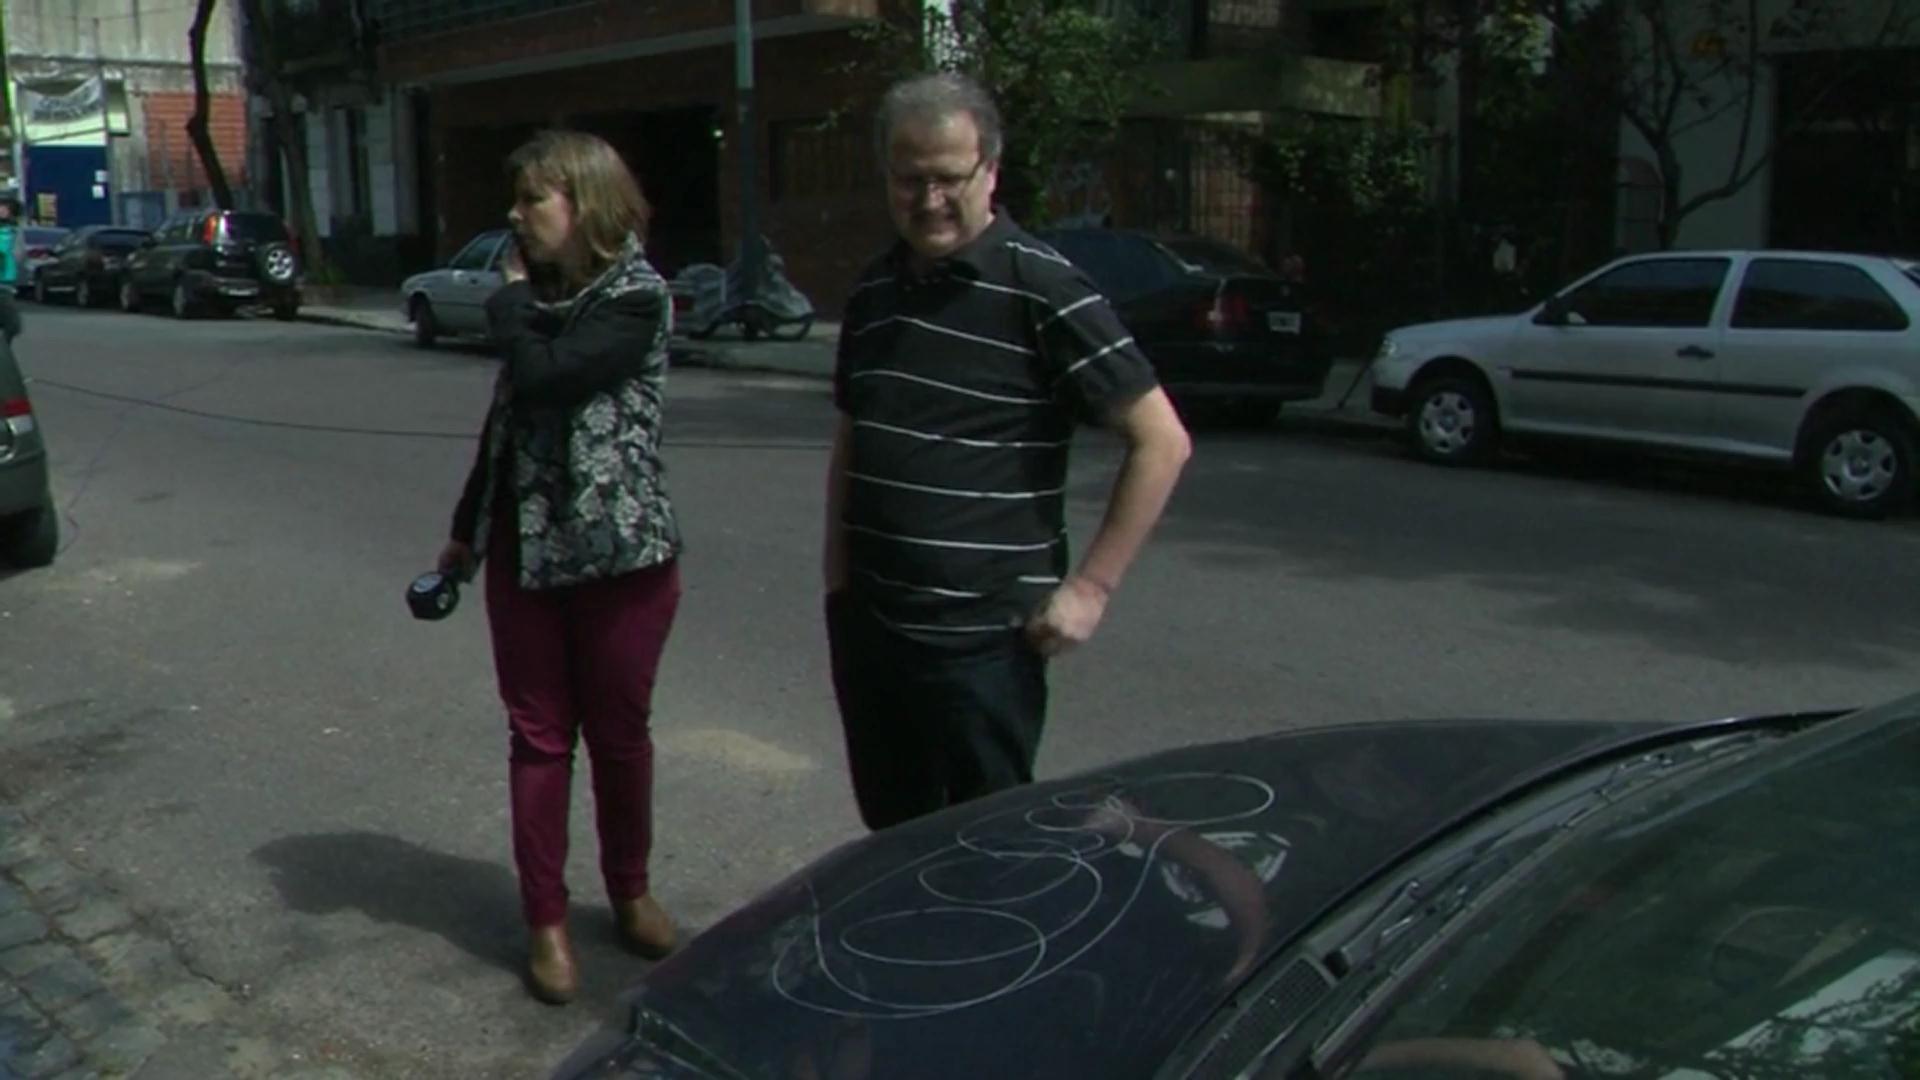 Vecinos de Buenos Aires se quejan de nuevo tipo de vandalismo: rayar autos